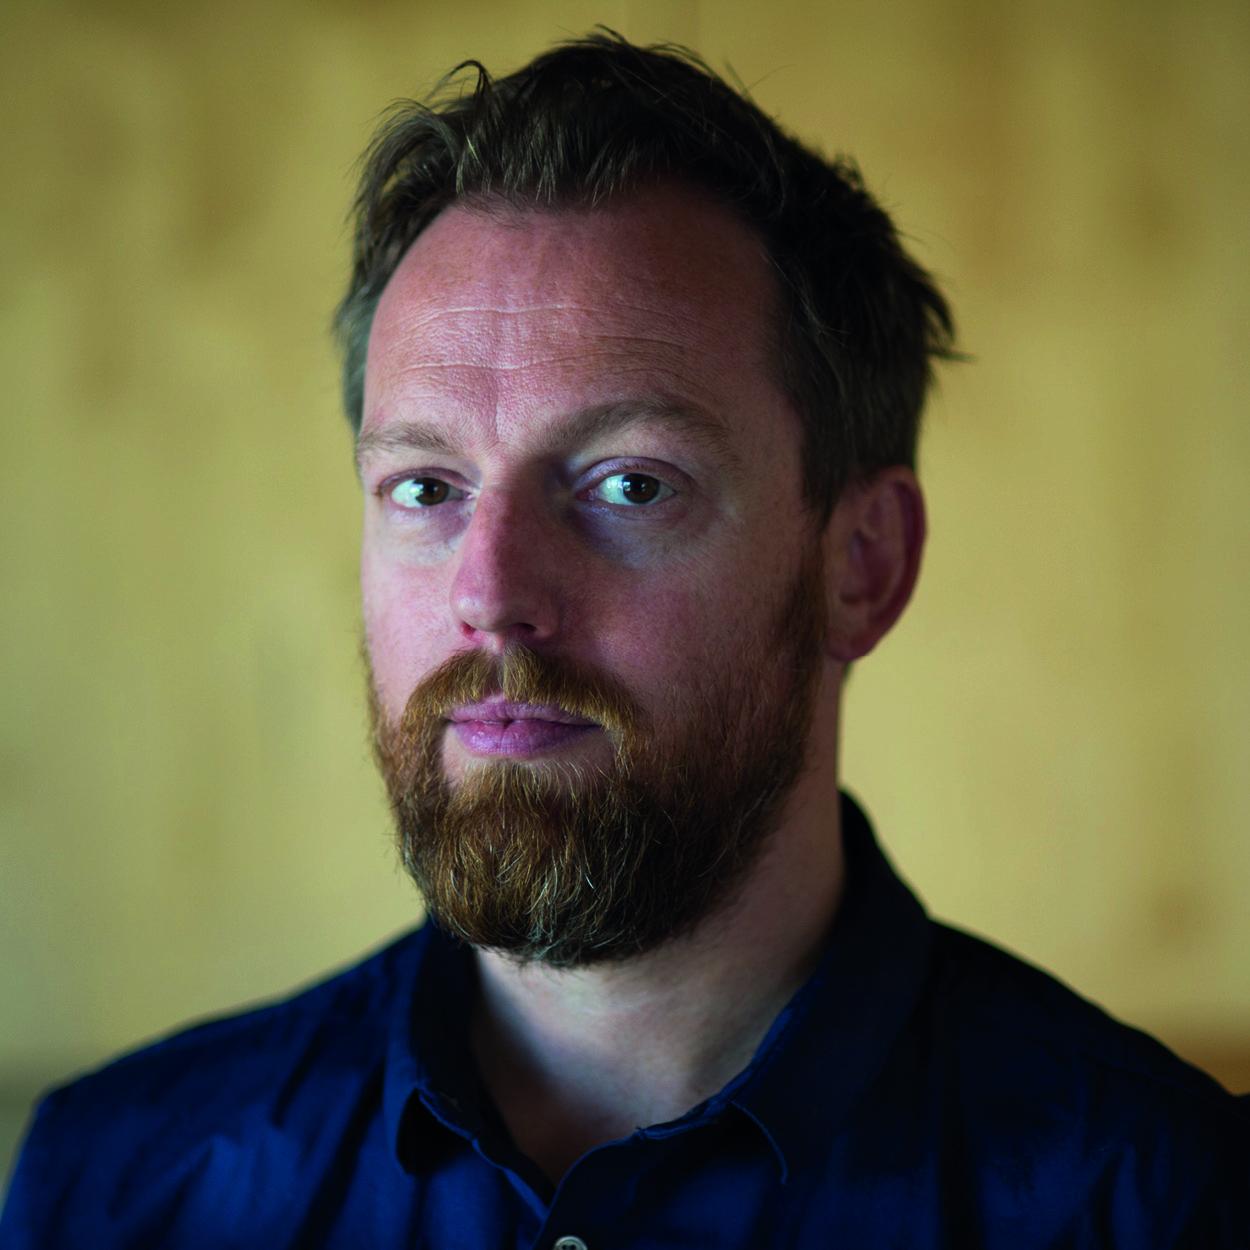 Eirik Ingebrigtsen